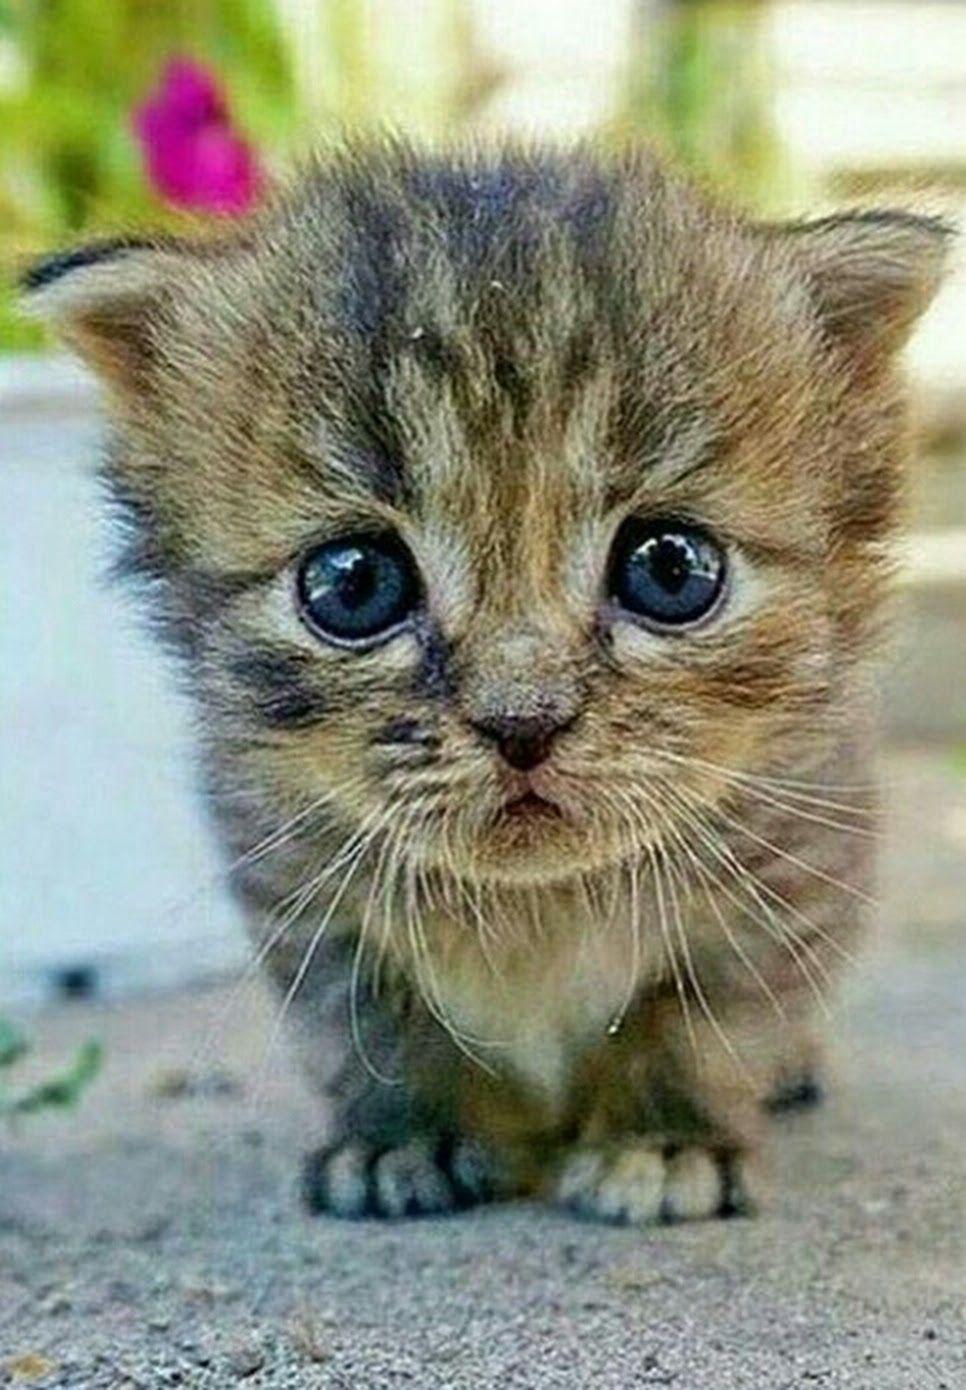 Картинки котиков милых и няшных стиле шебби